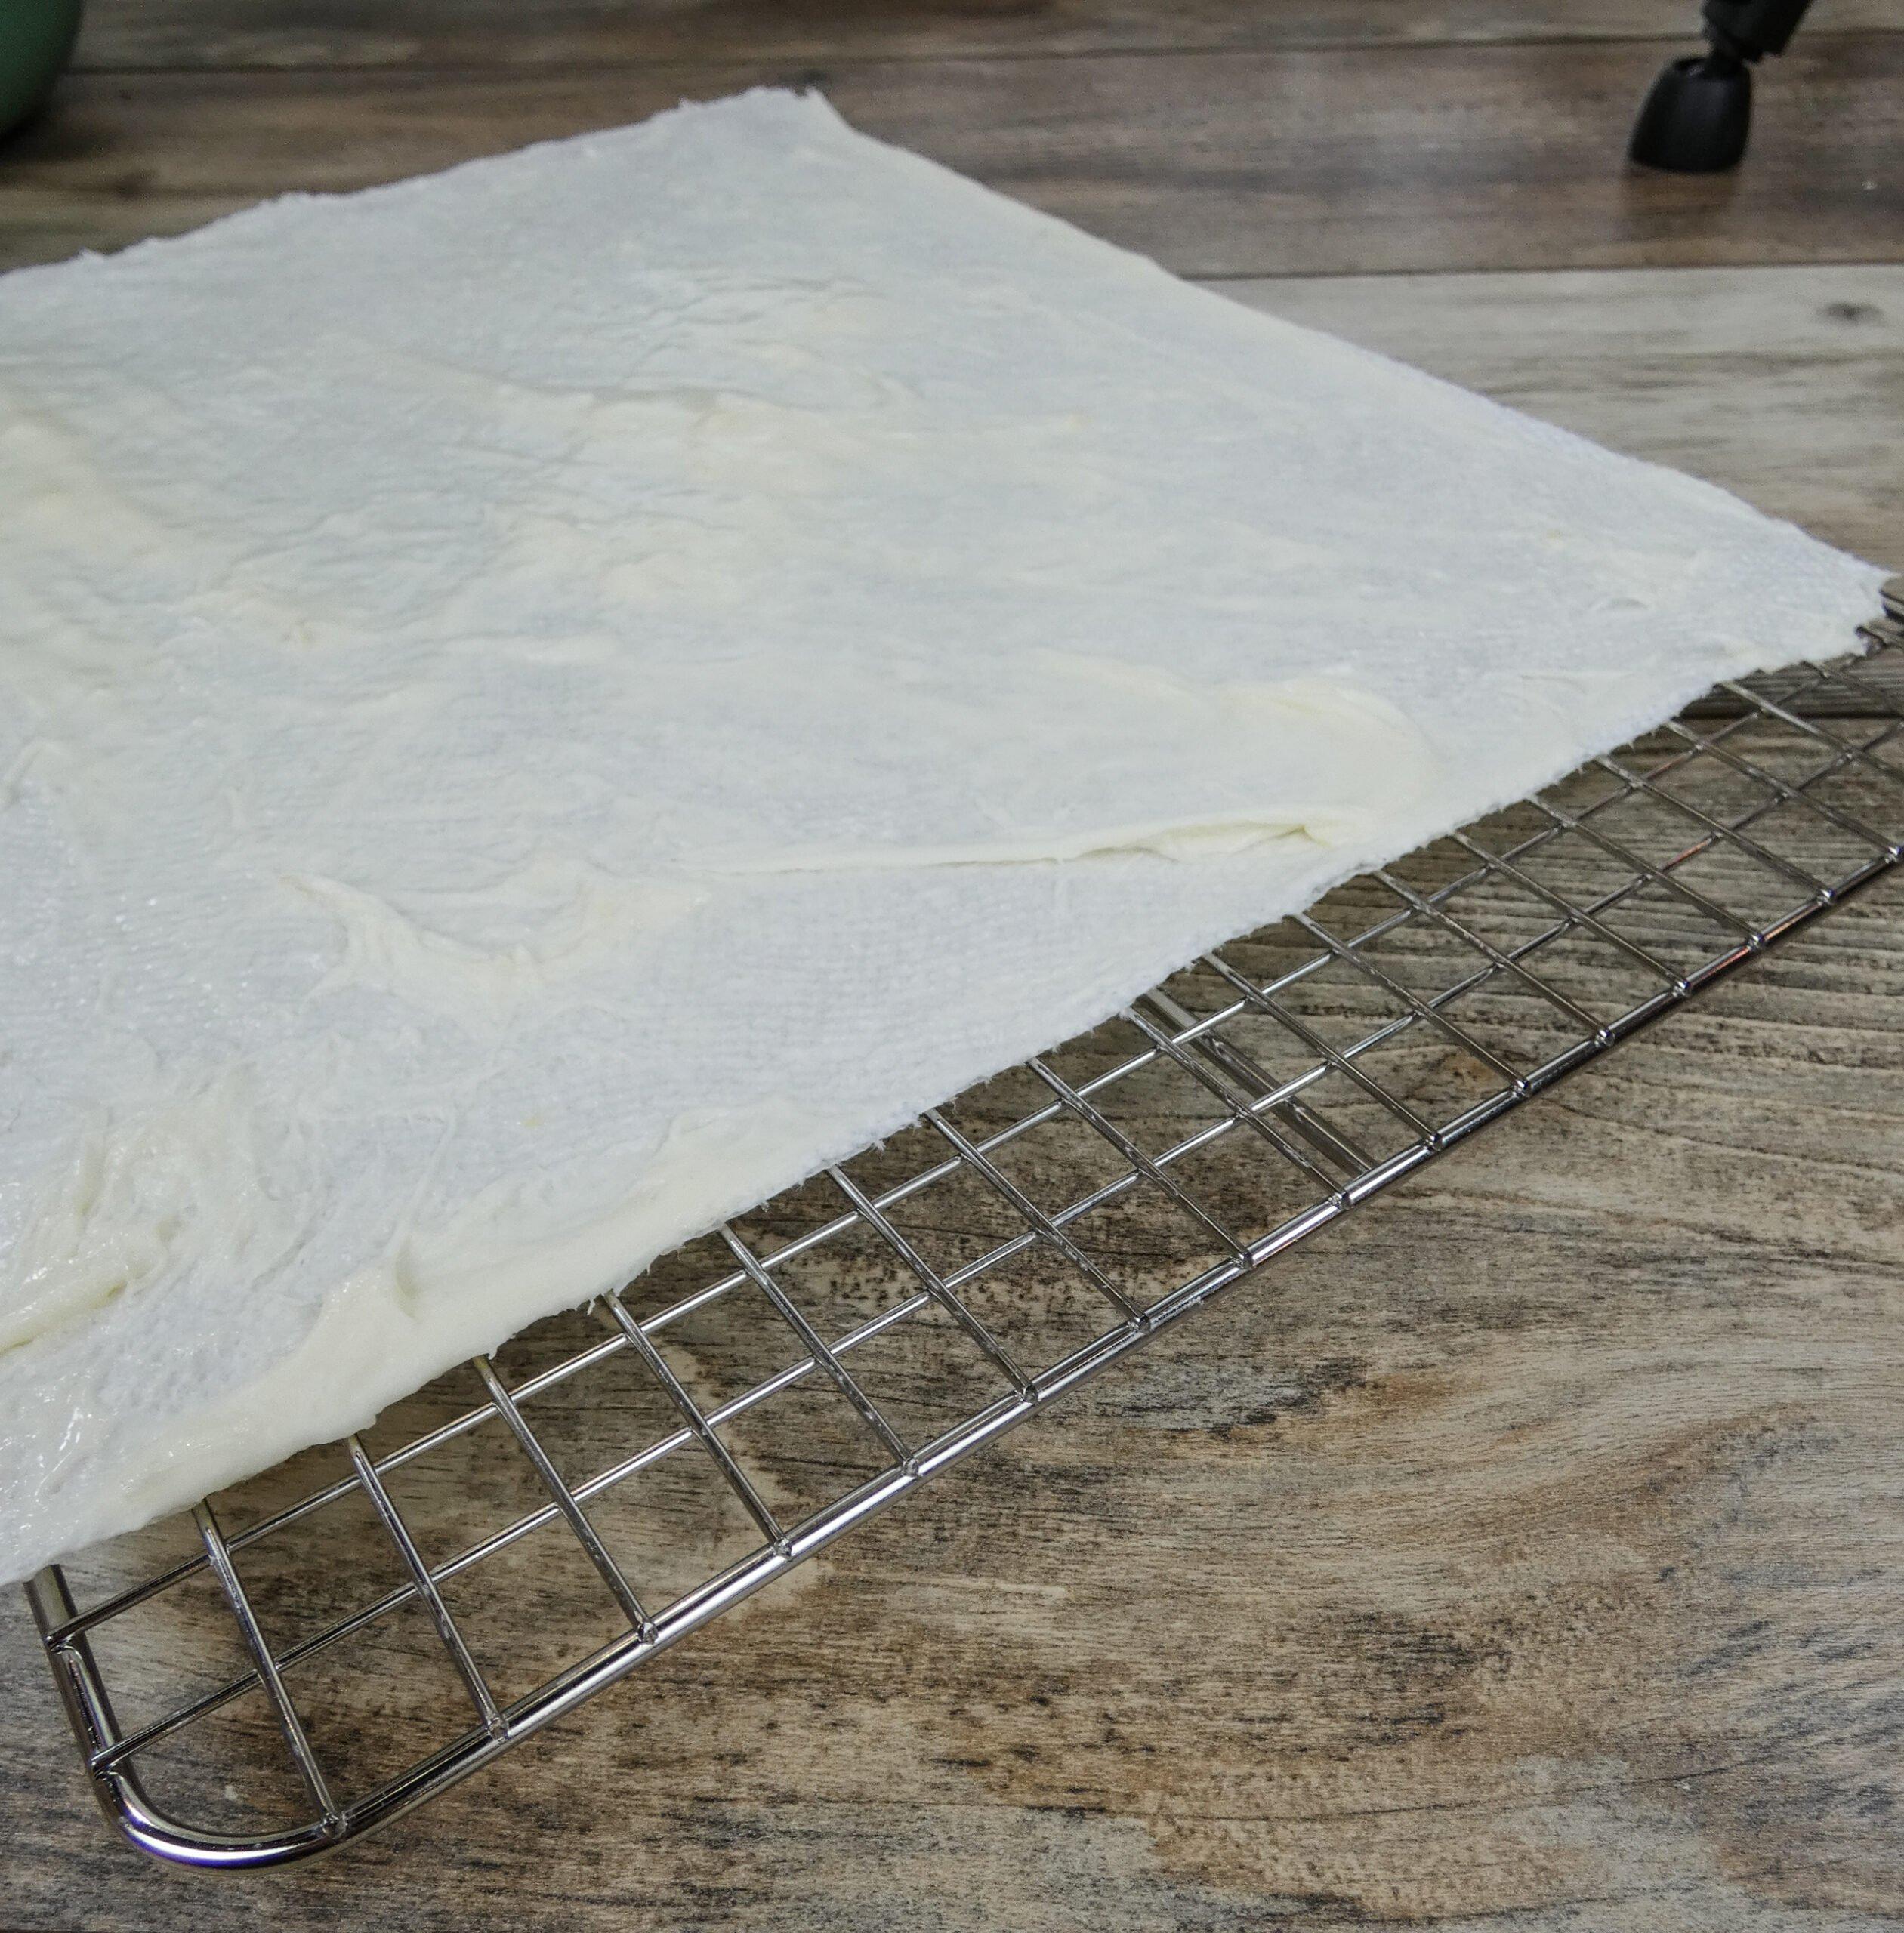 A homemade laundry detergent sheet